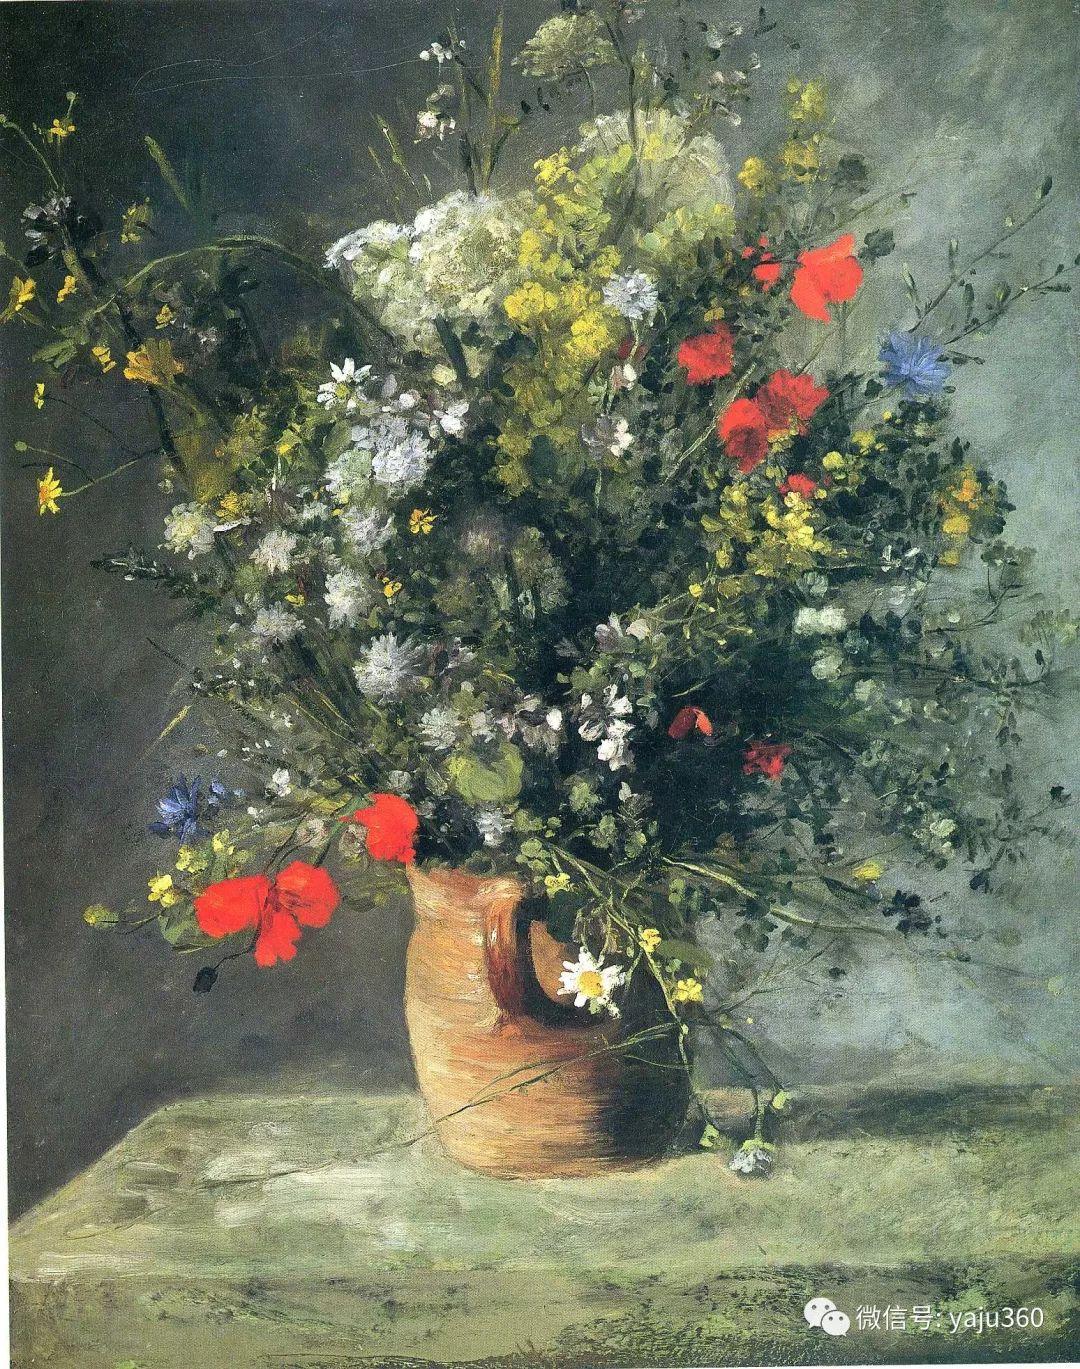 世界著名画家系列之雷诺阿插图49